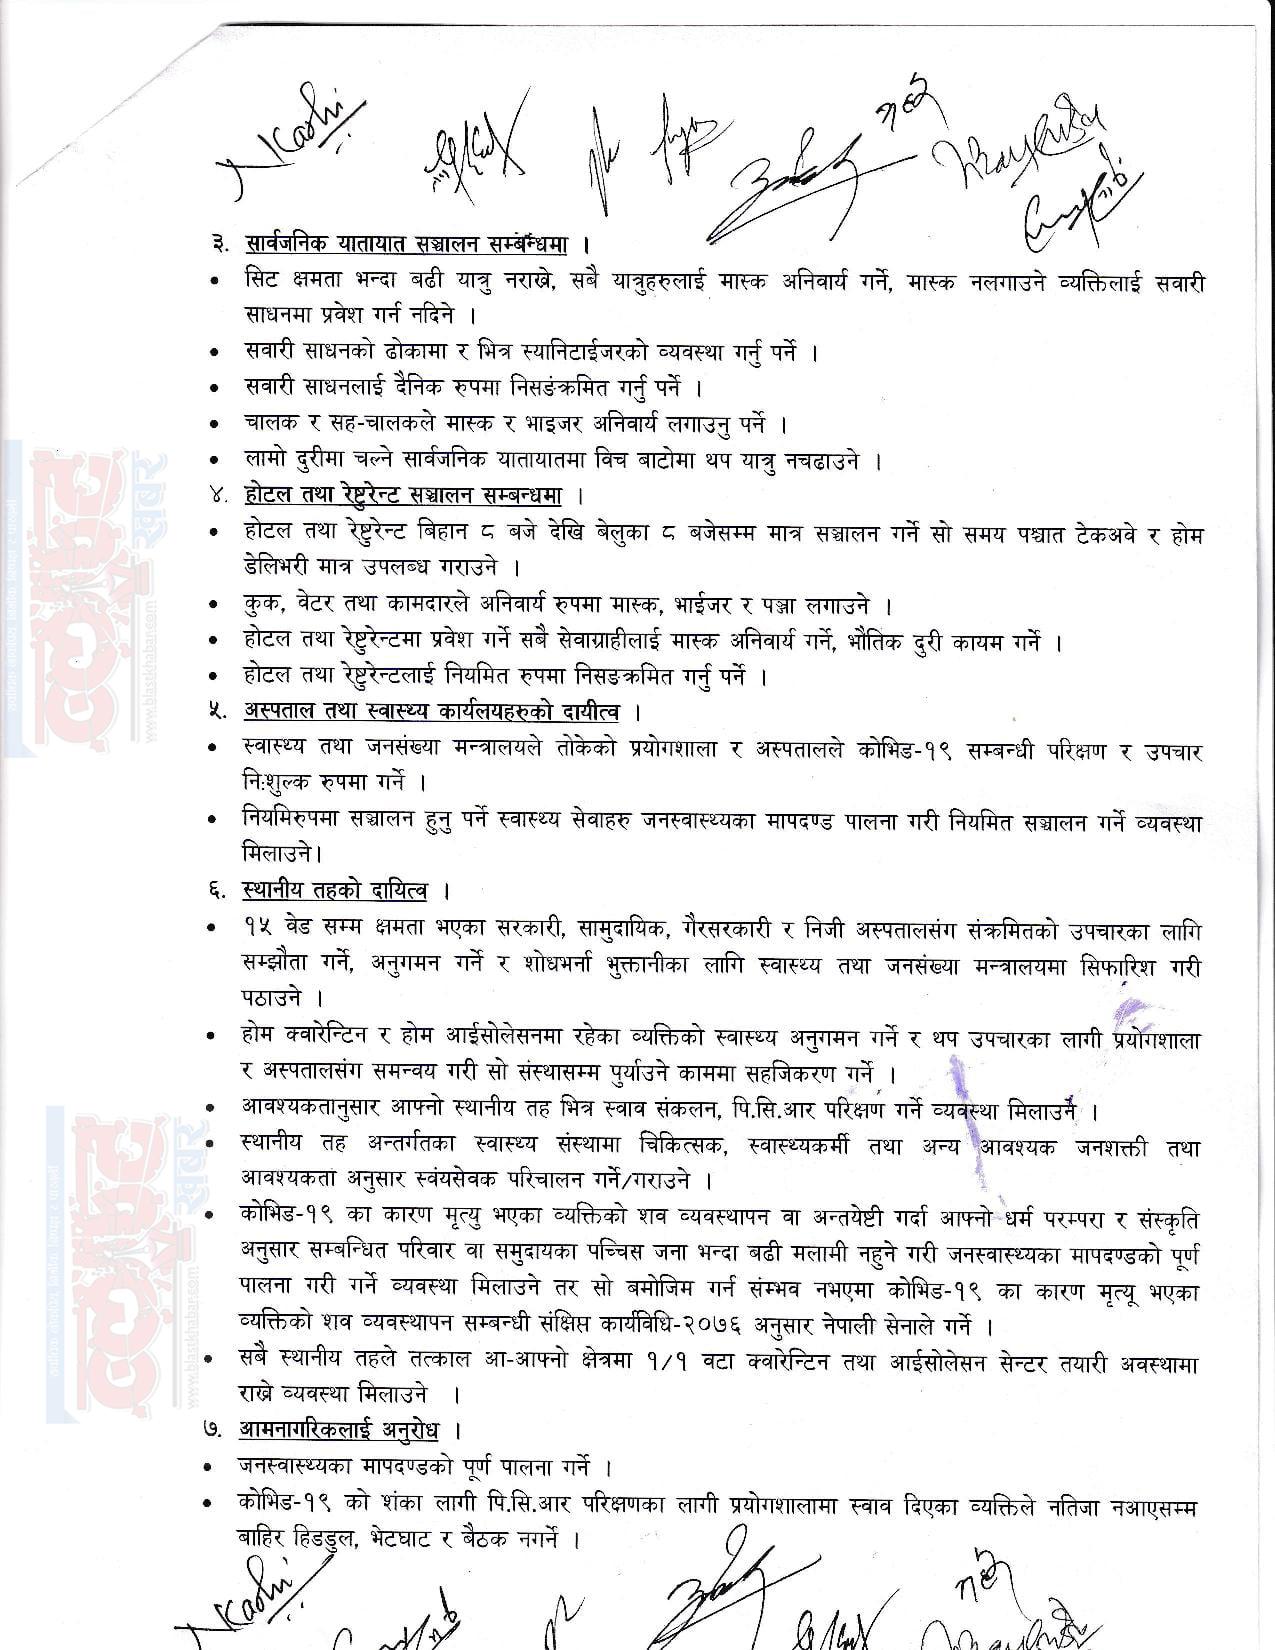 Sunsari_Note2